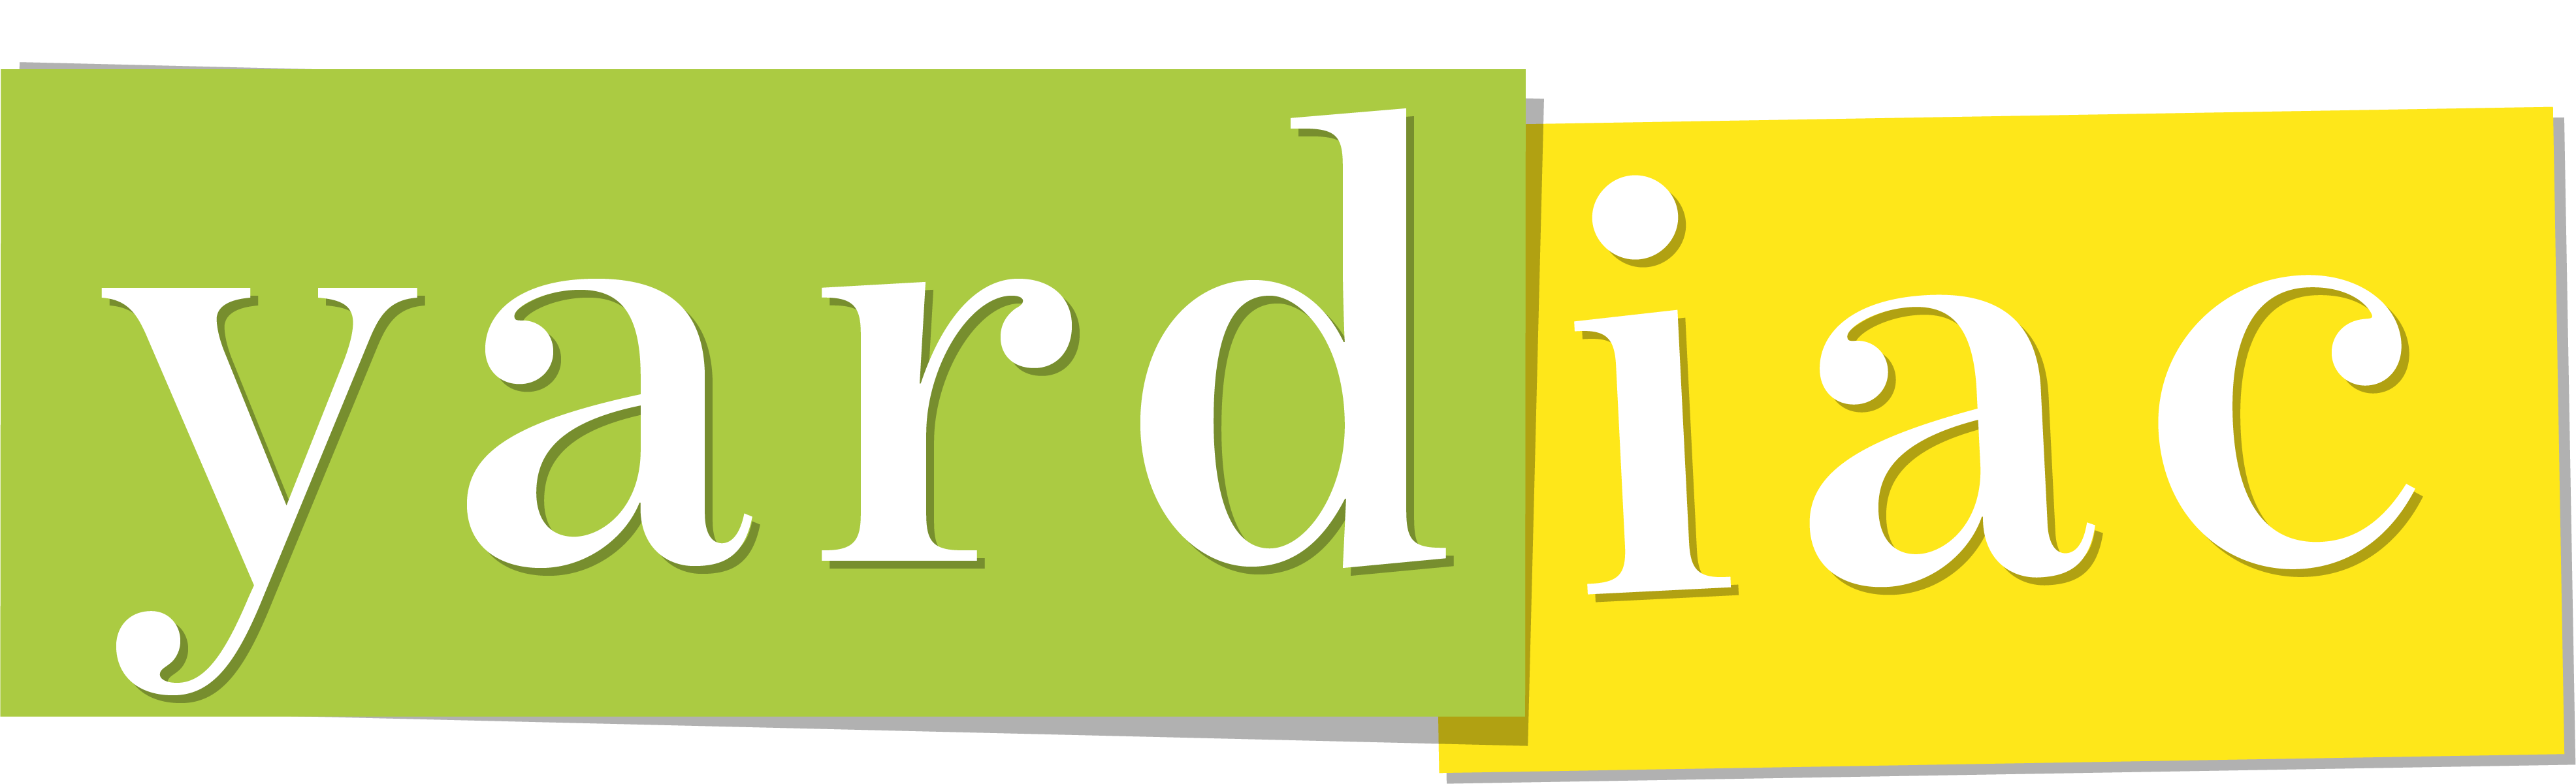 Yardiac.com